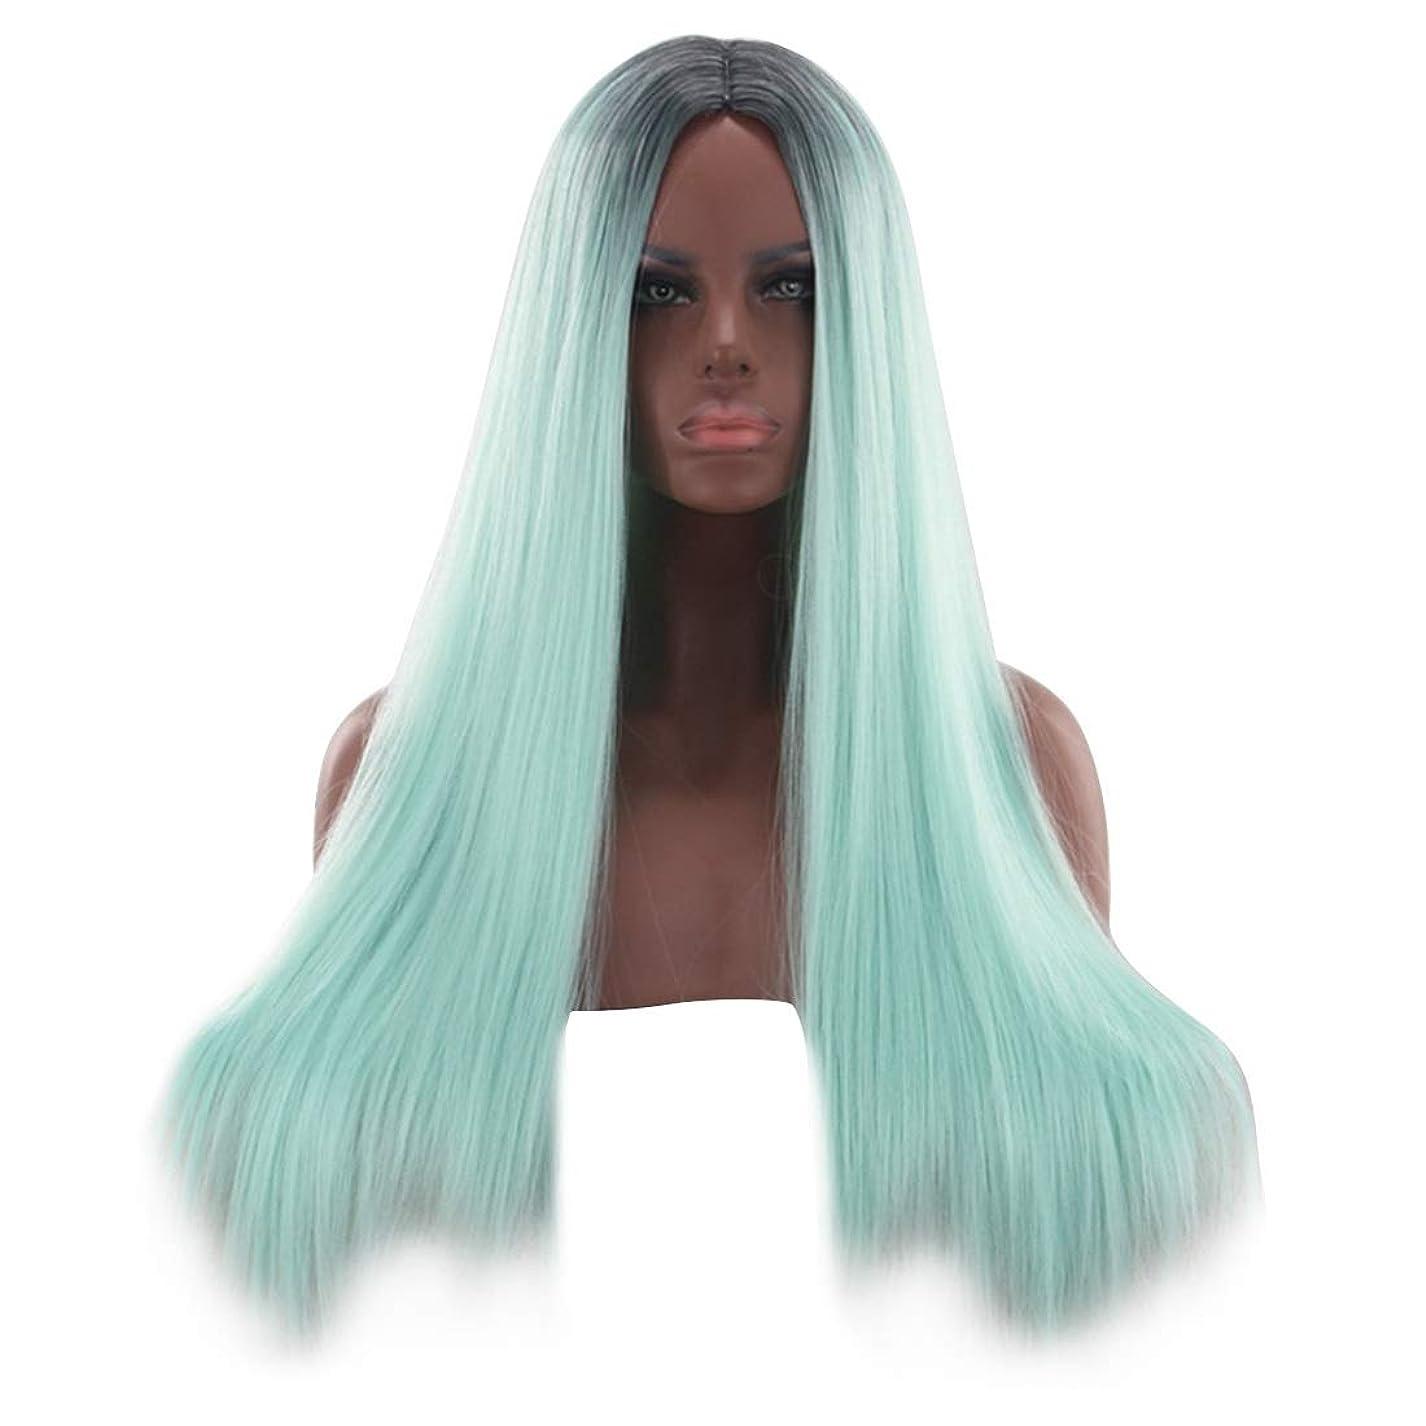 追うスパンチャネルかつら 26インチブロンドグリーンレースフロントウィッグ前髪ロングストレートウィッグ女性用合成かつらウィッグ女性用かつら耐熱ファイバーファッションウィッグ